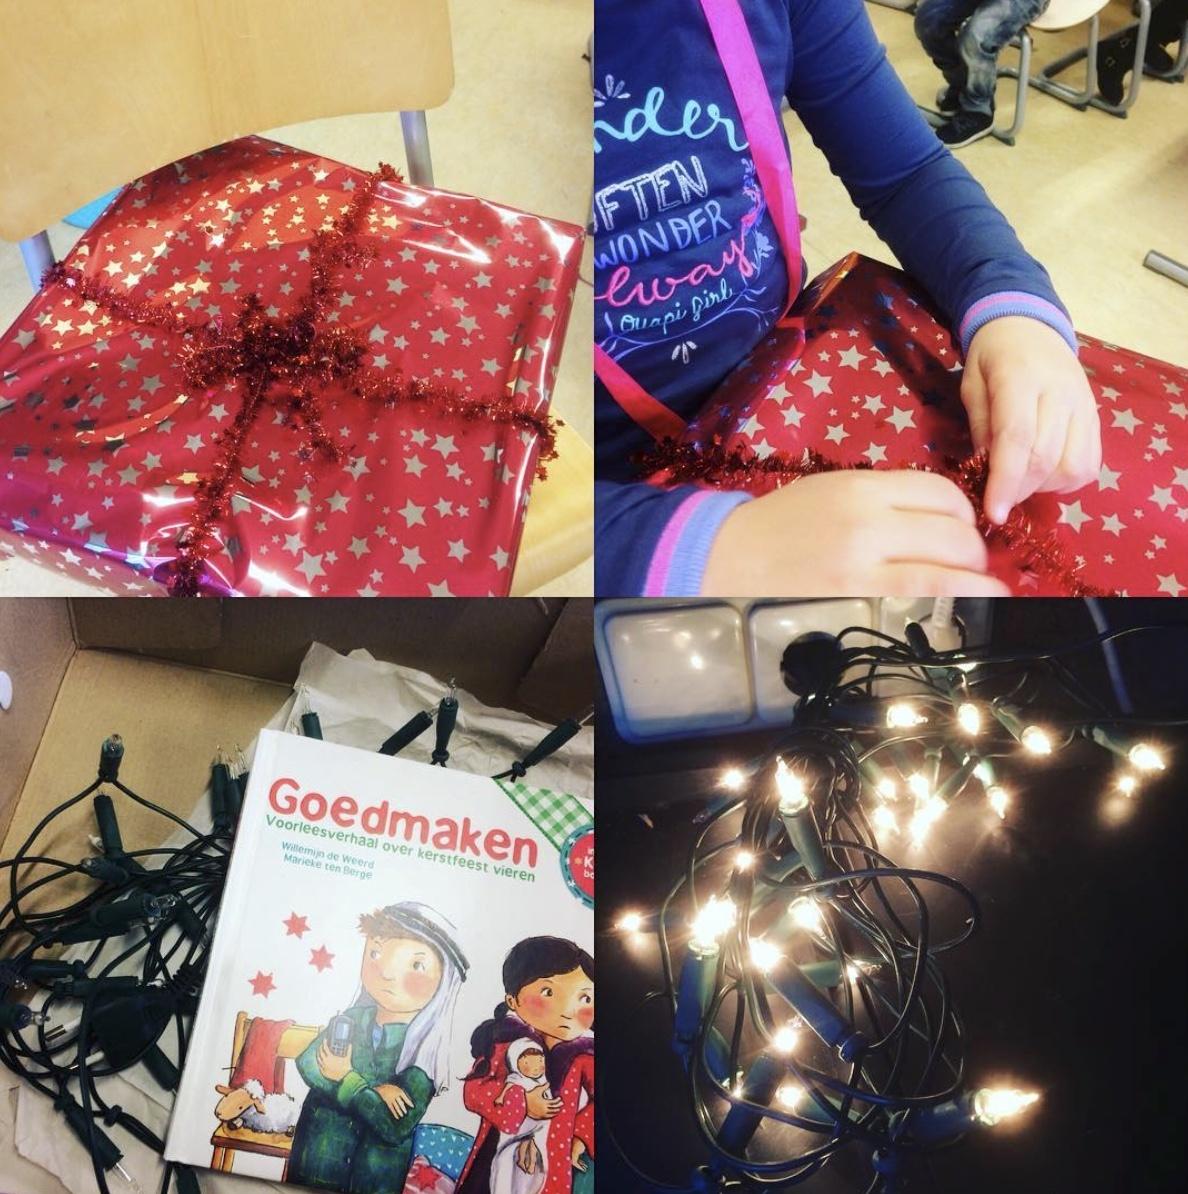 Kerstproject 'Goedmaken'